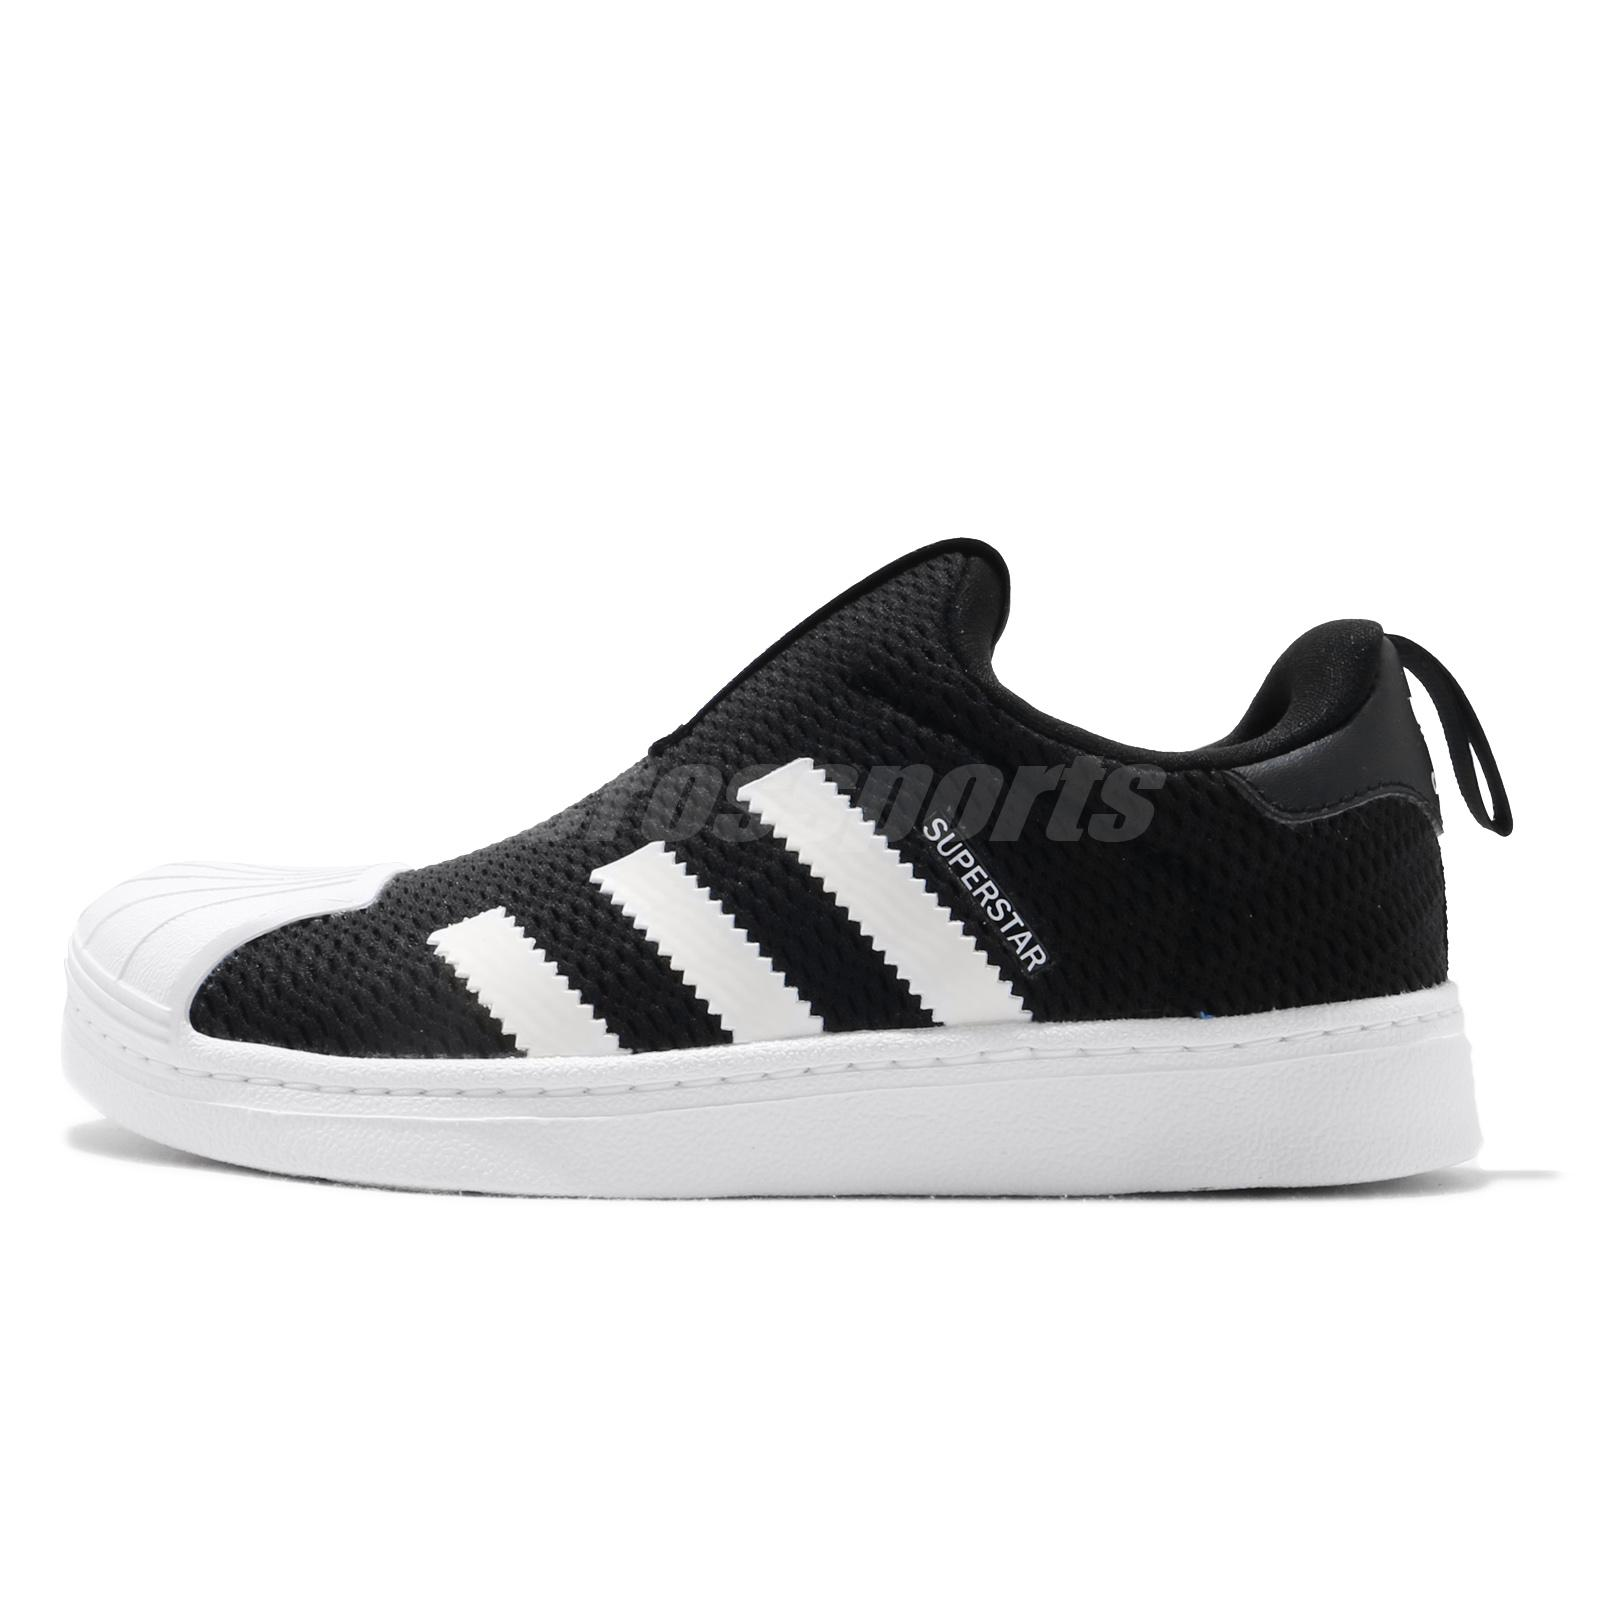 adidas Originals Superstar 360 C Black White Kid Preschool Slip On ...